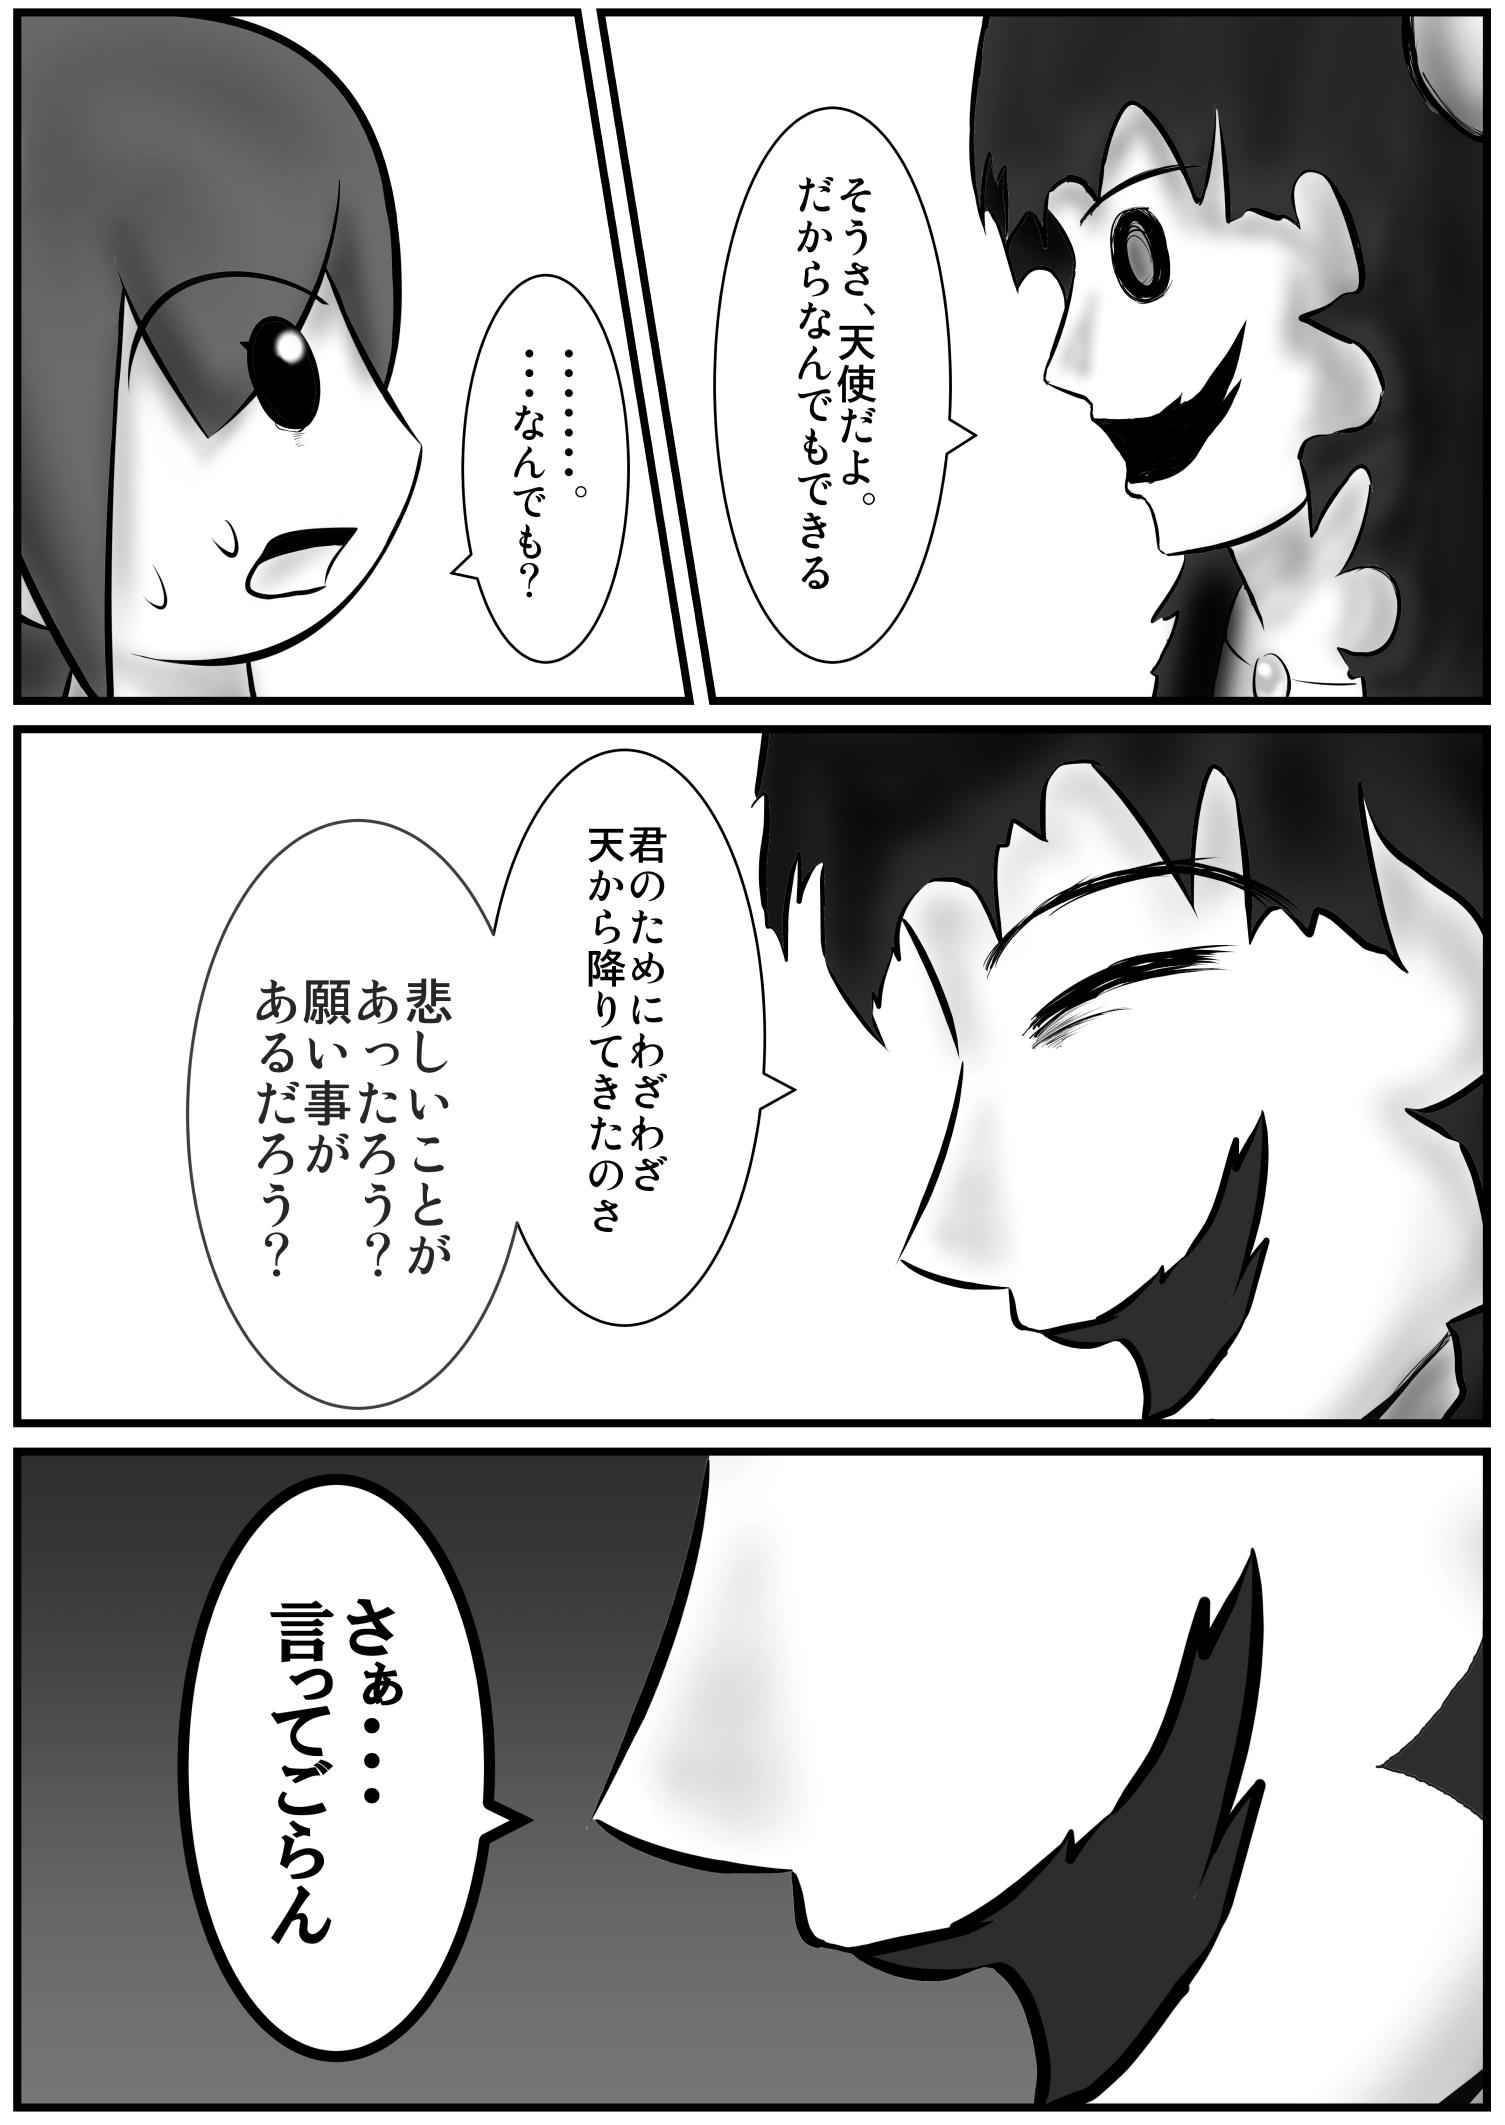 悪魔の勘違い マンガ_007